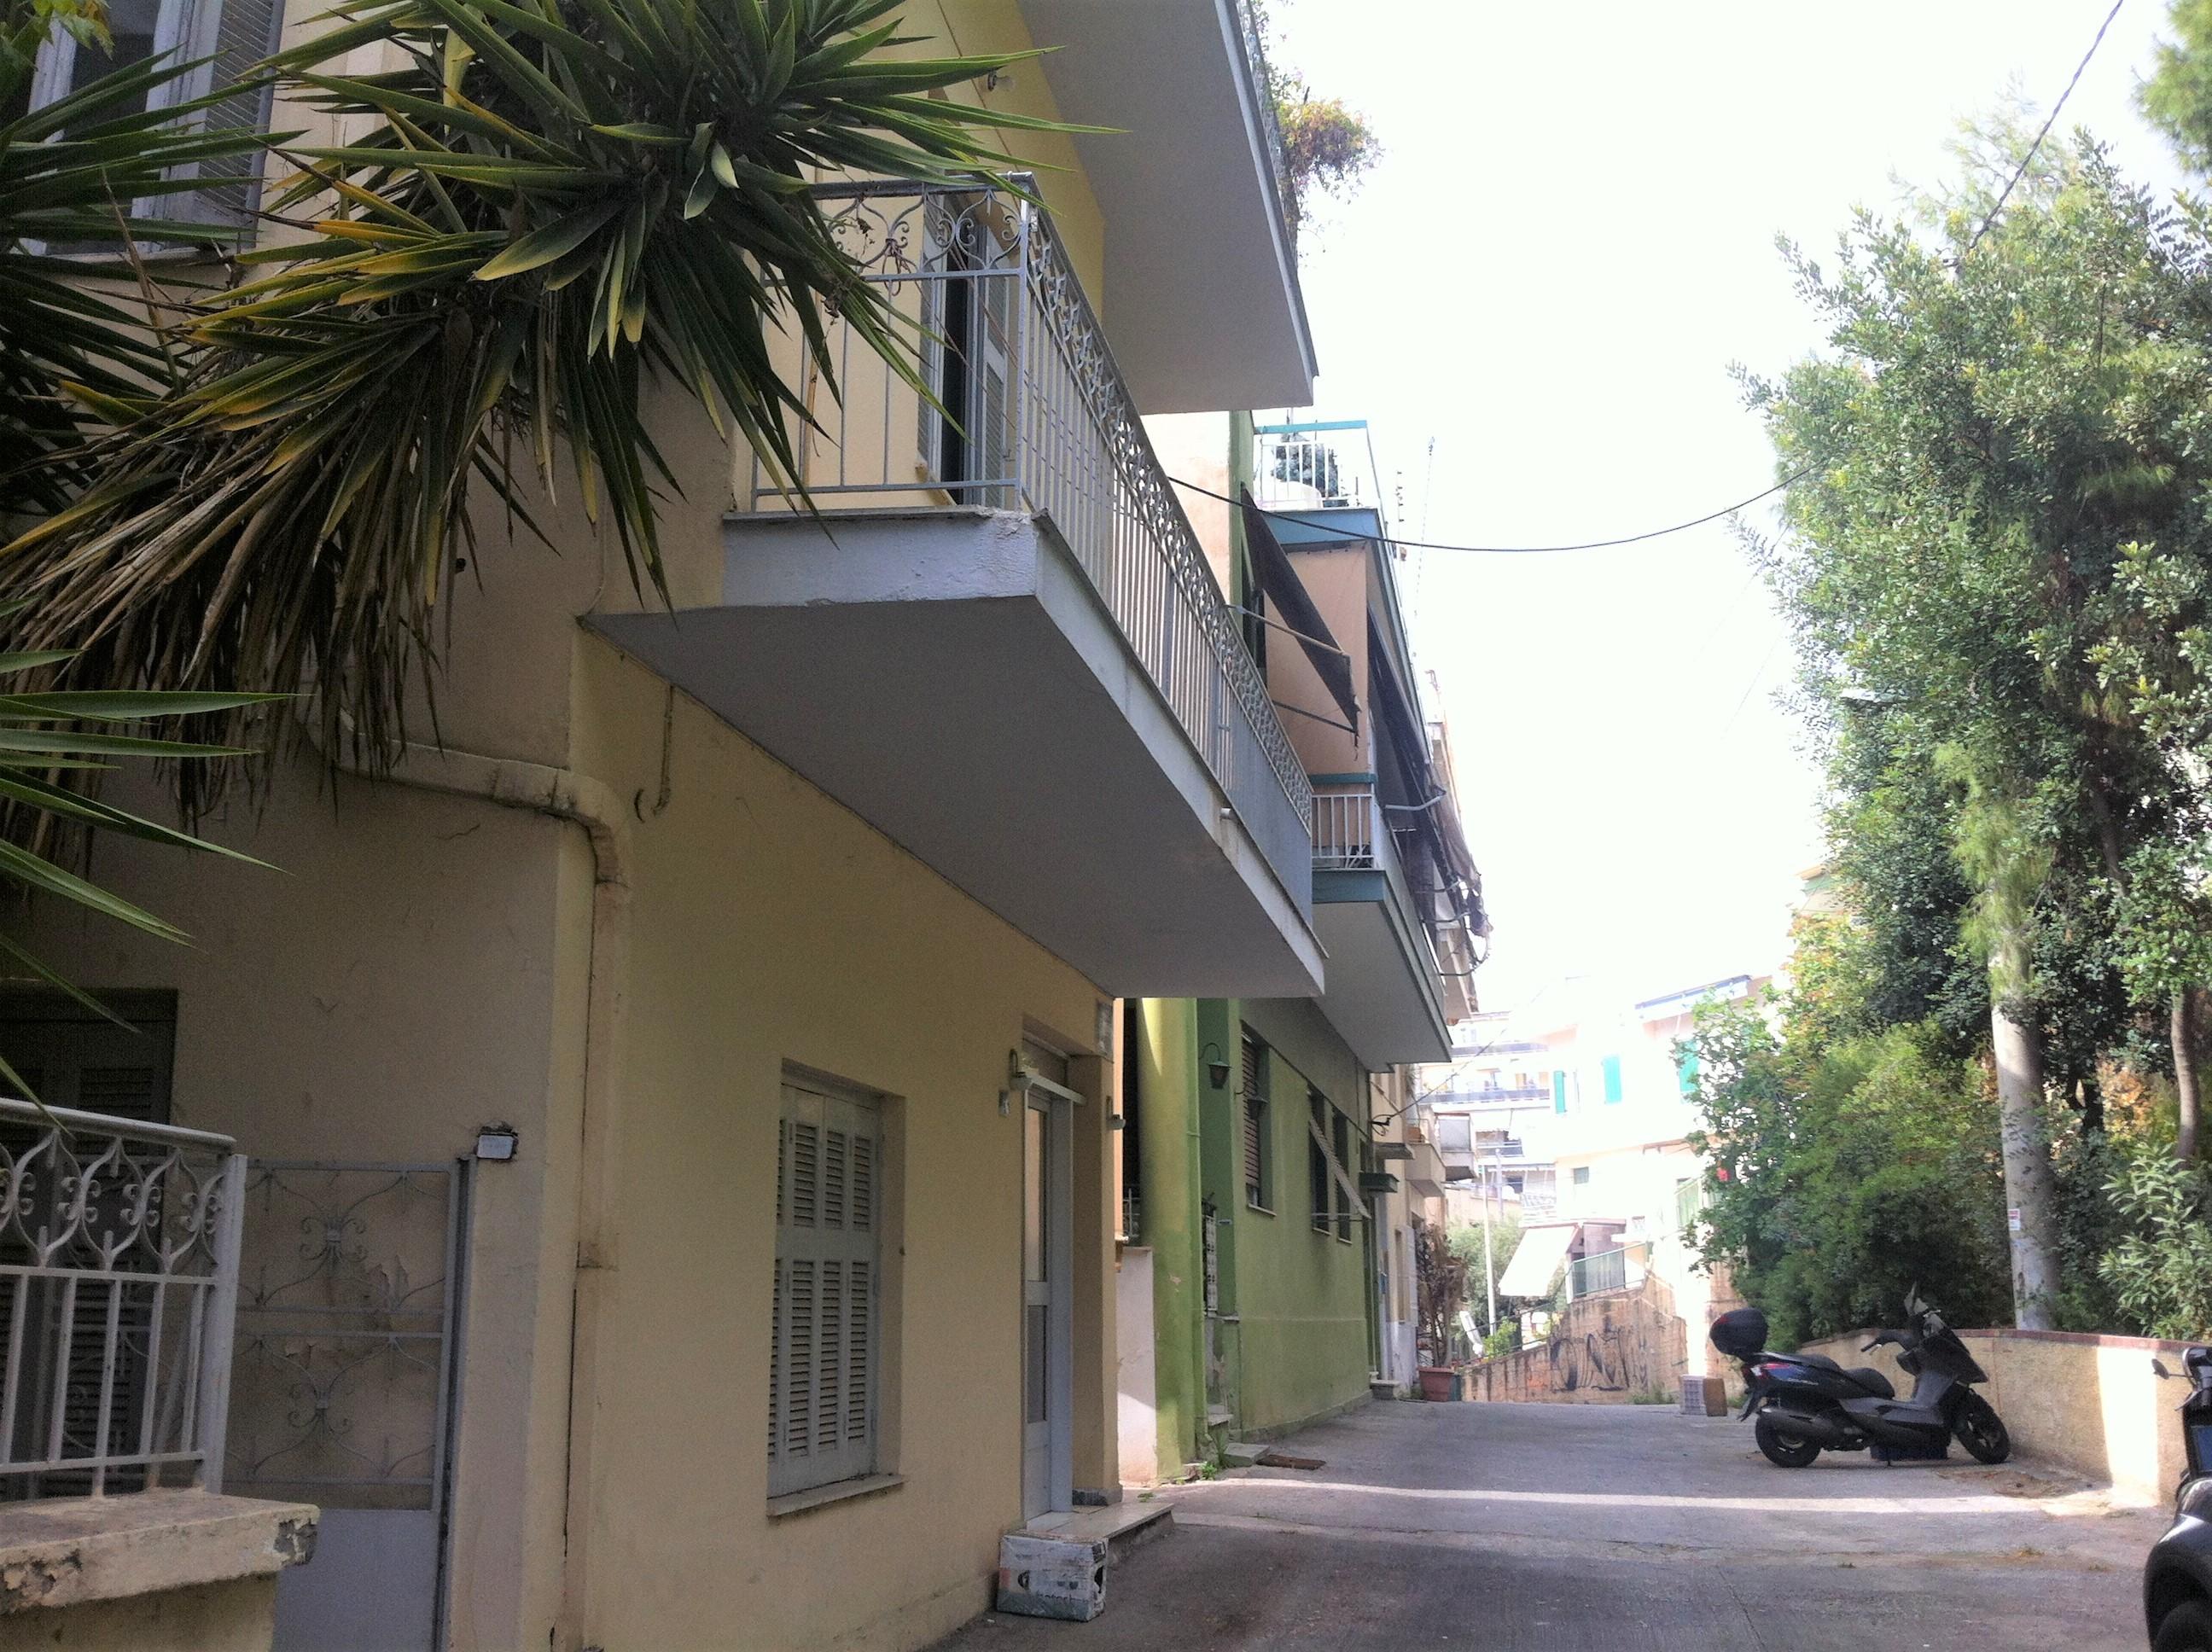 Maison, Petralona - Ref GR-5223